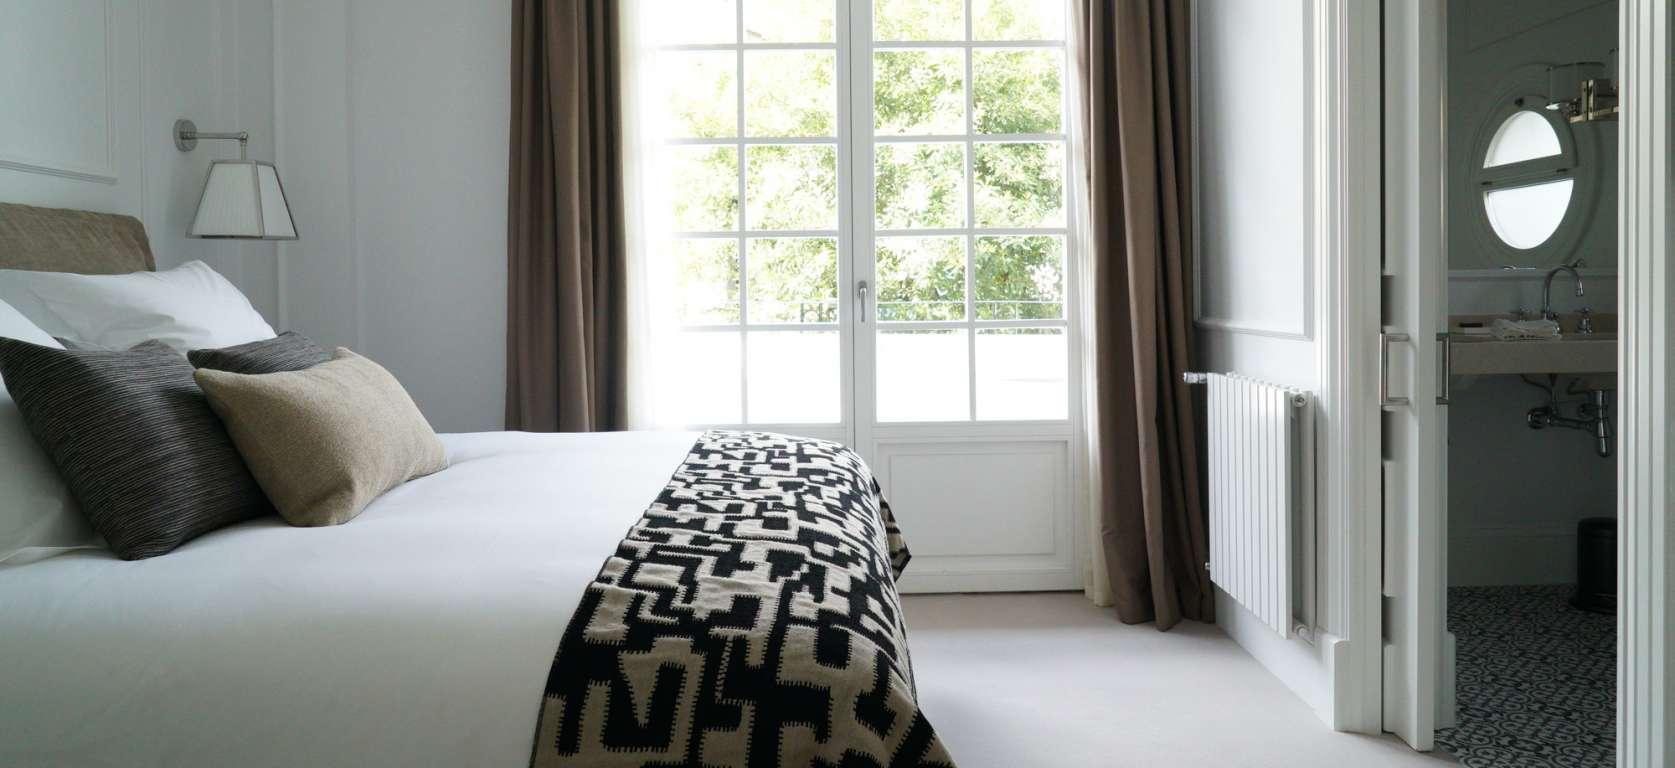 <strong>11 Hoteles en Pais Vasco Rusticae - Hotel Villa Magalean</strong>